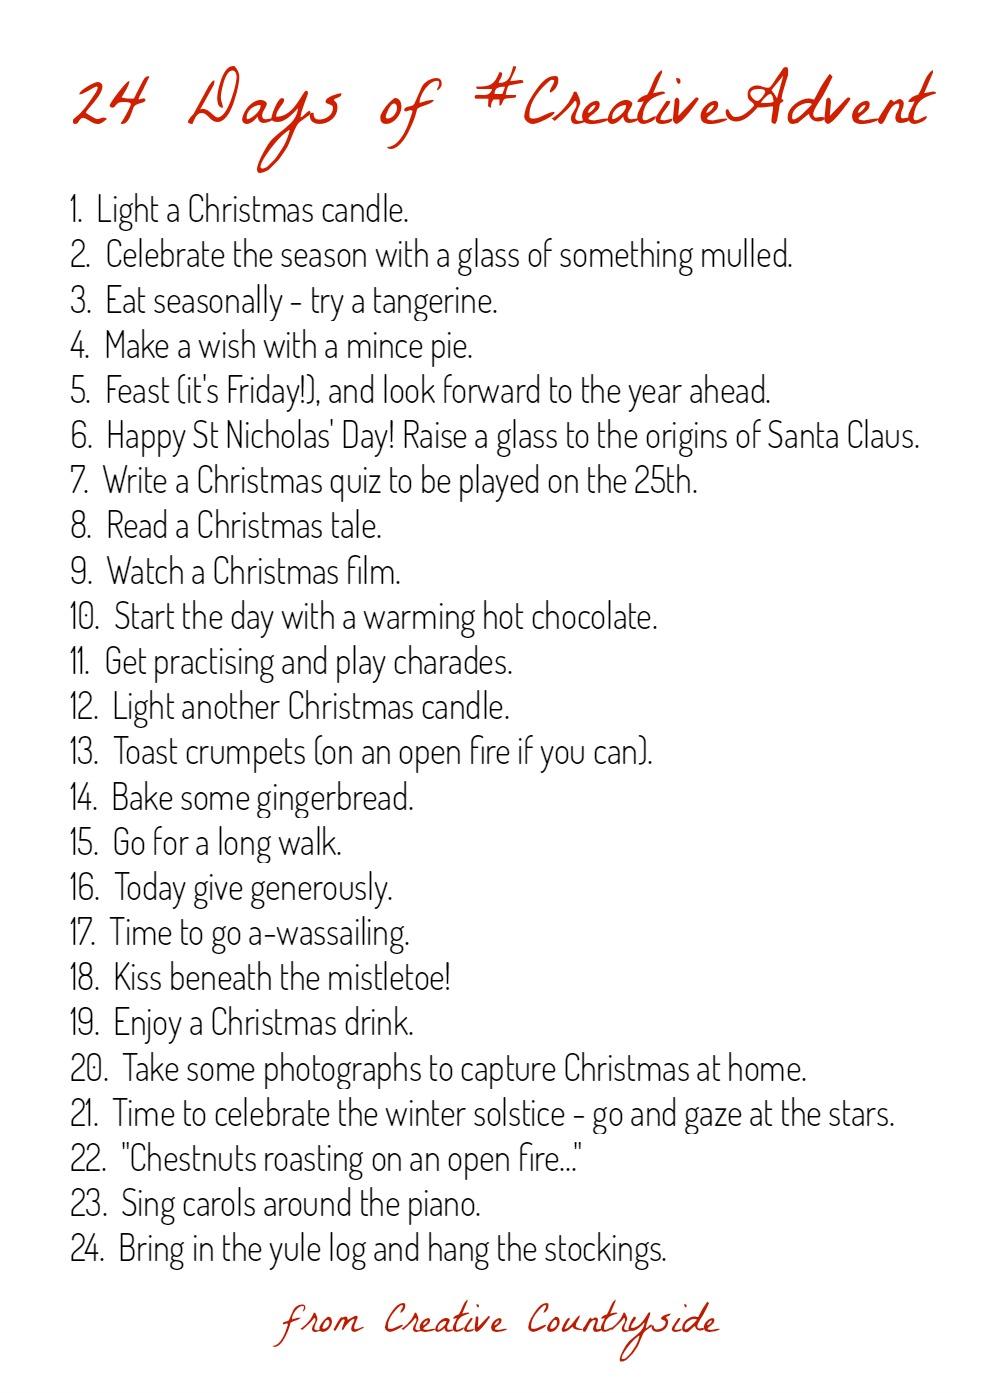 Creative-Advent